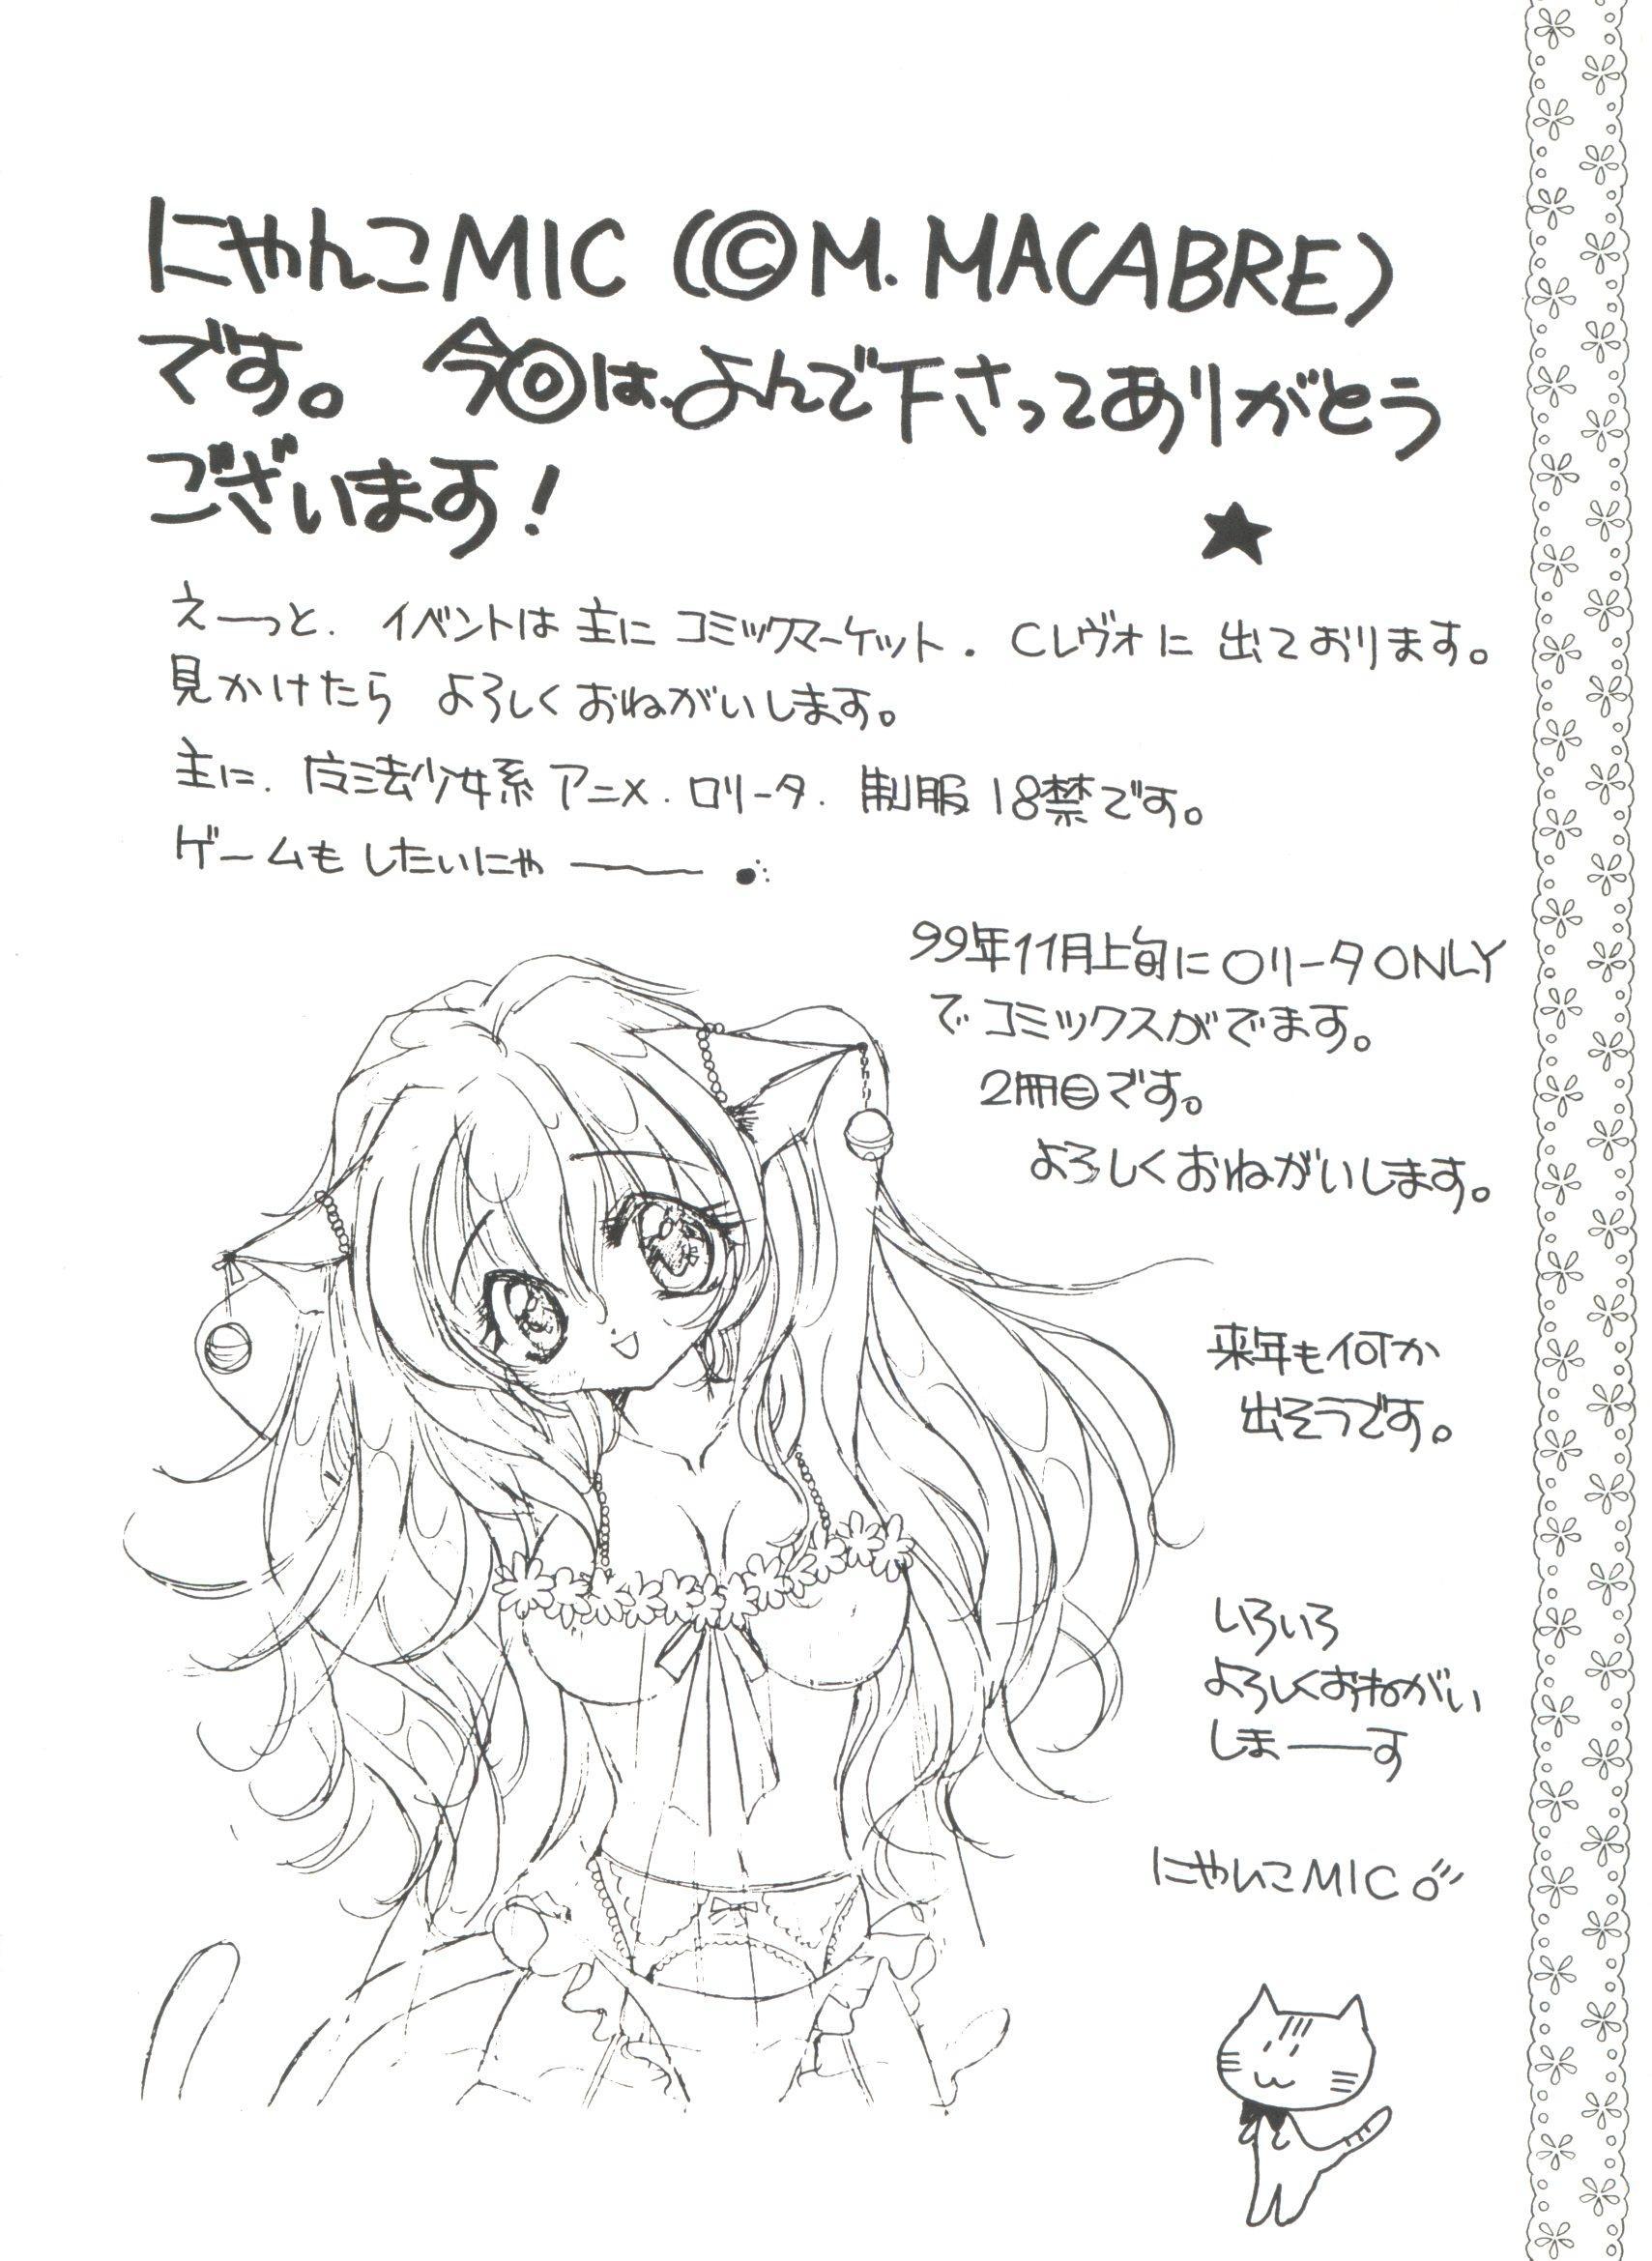 Bishoujo Doujinshi Anthology Cute 4 133